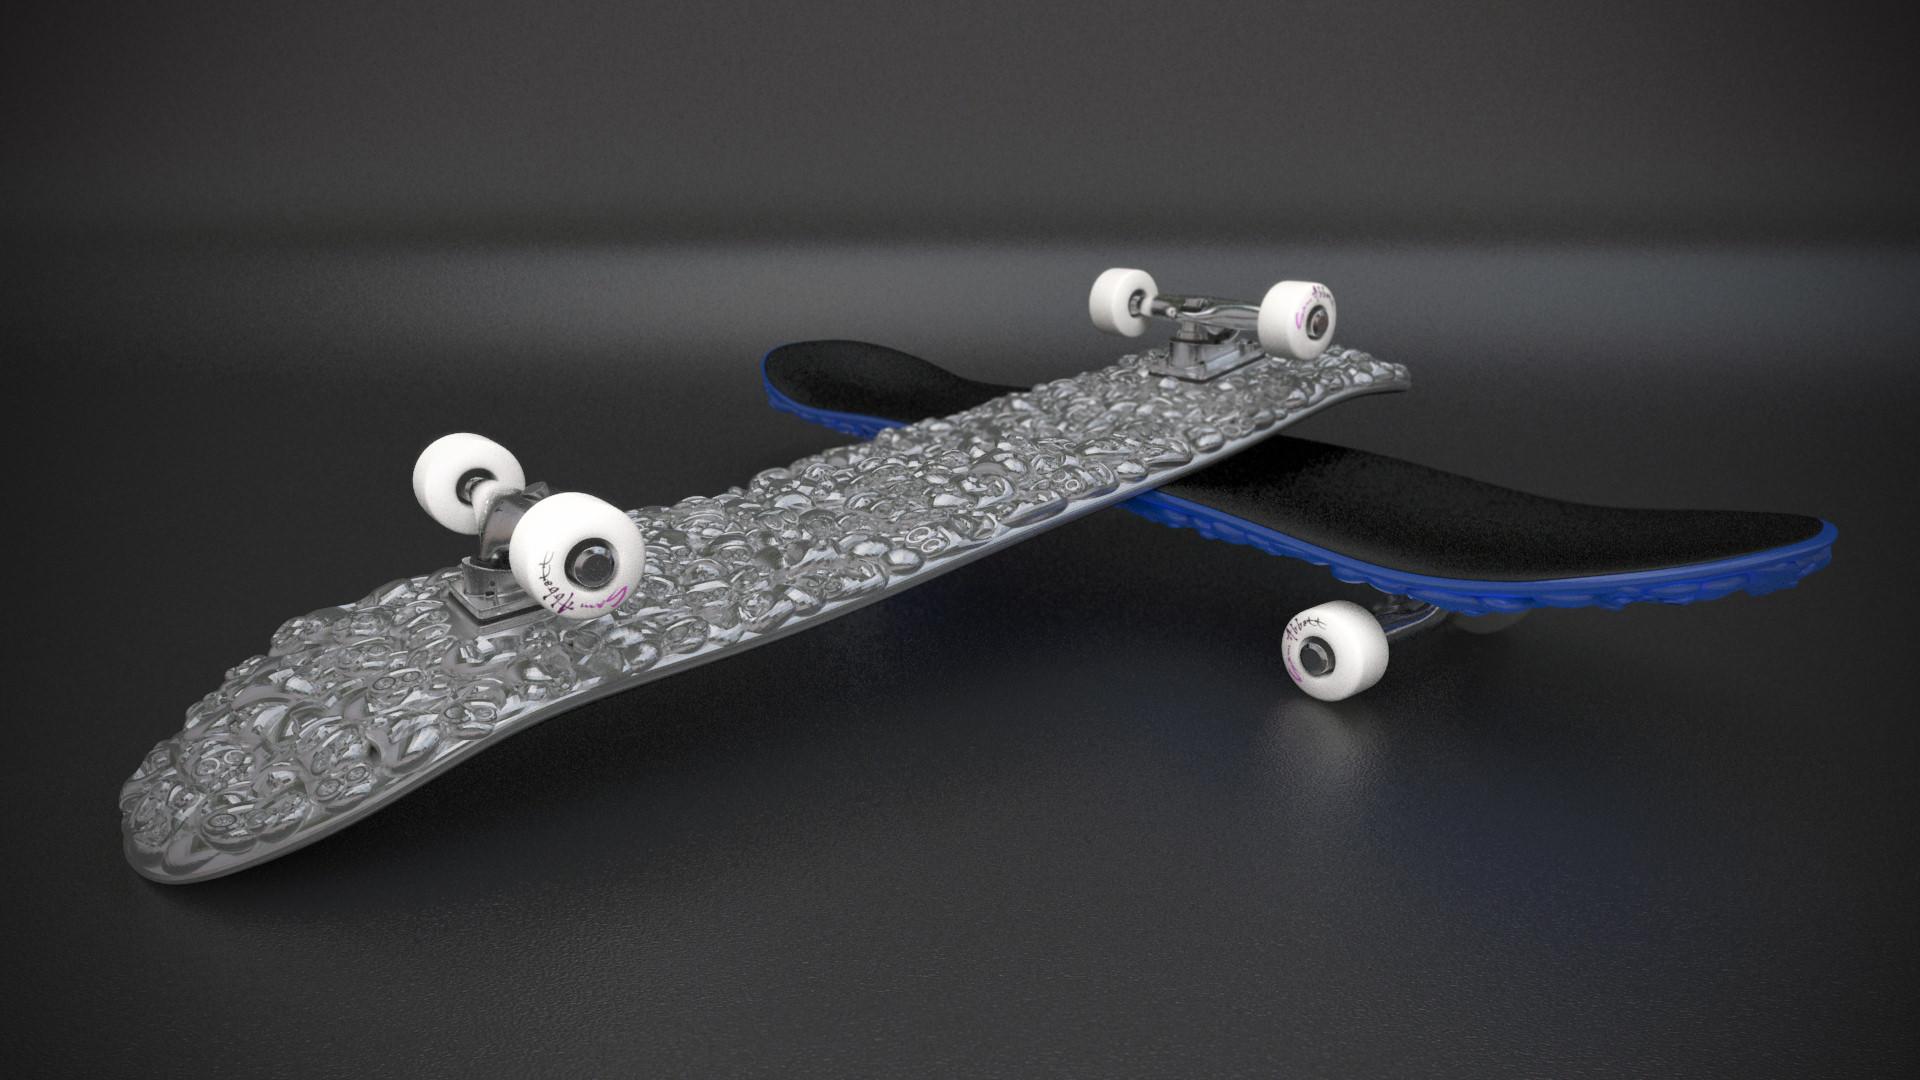 Skateboard Deck 3D Model 3D printable STL | CGTrader.com